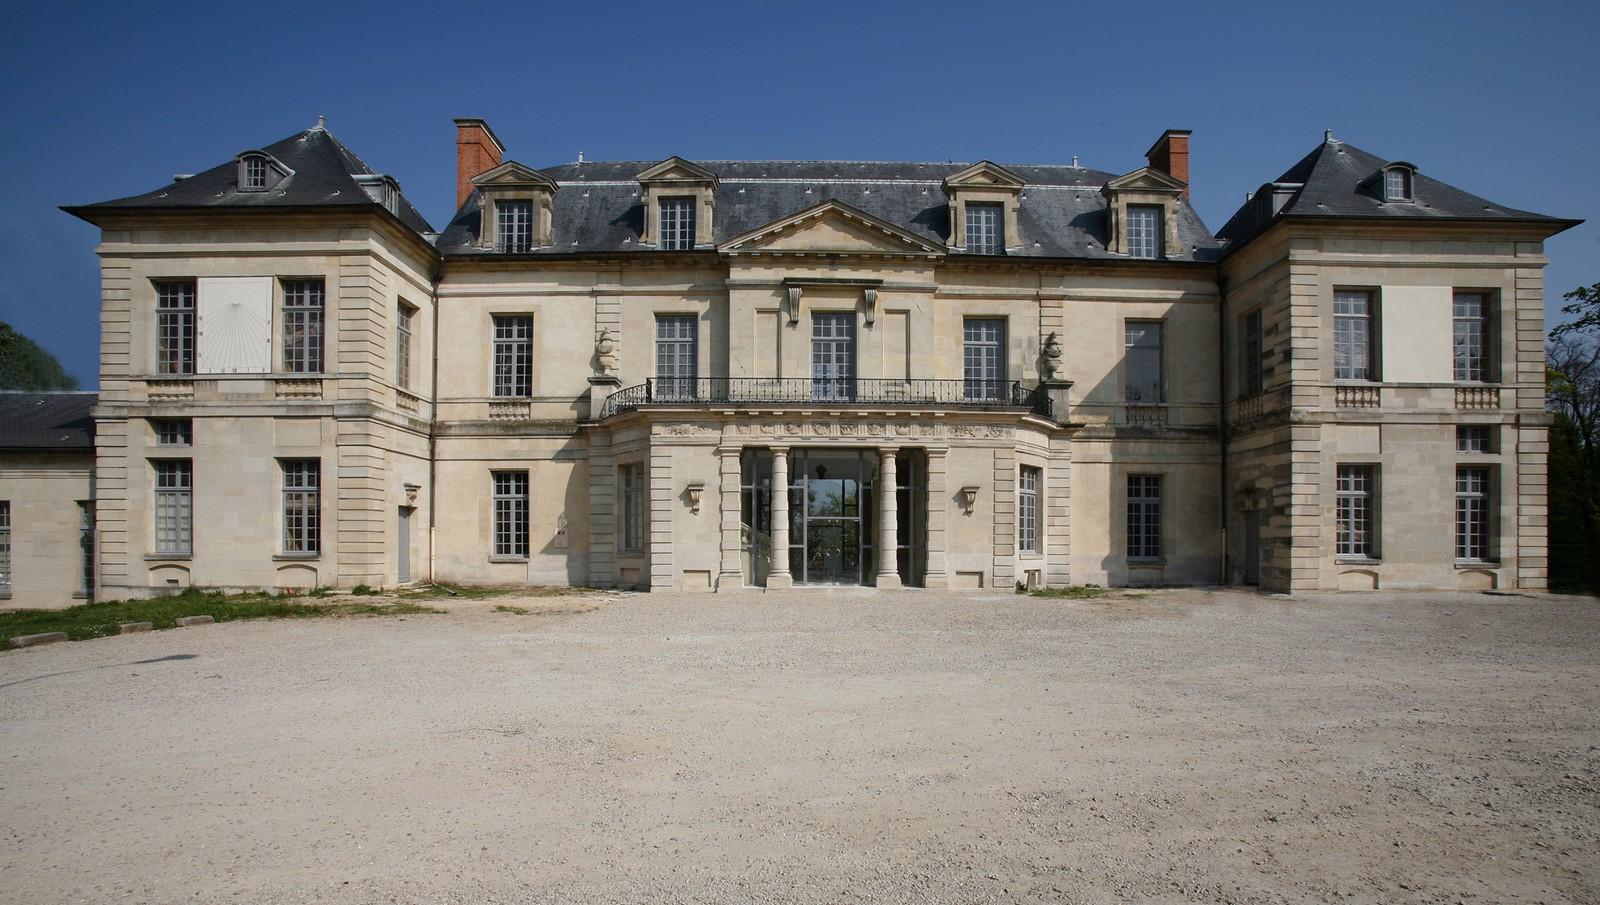 chateau-de-sucy